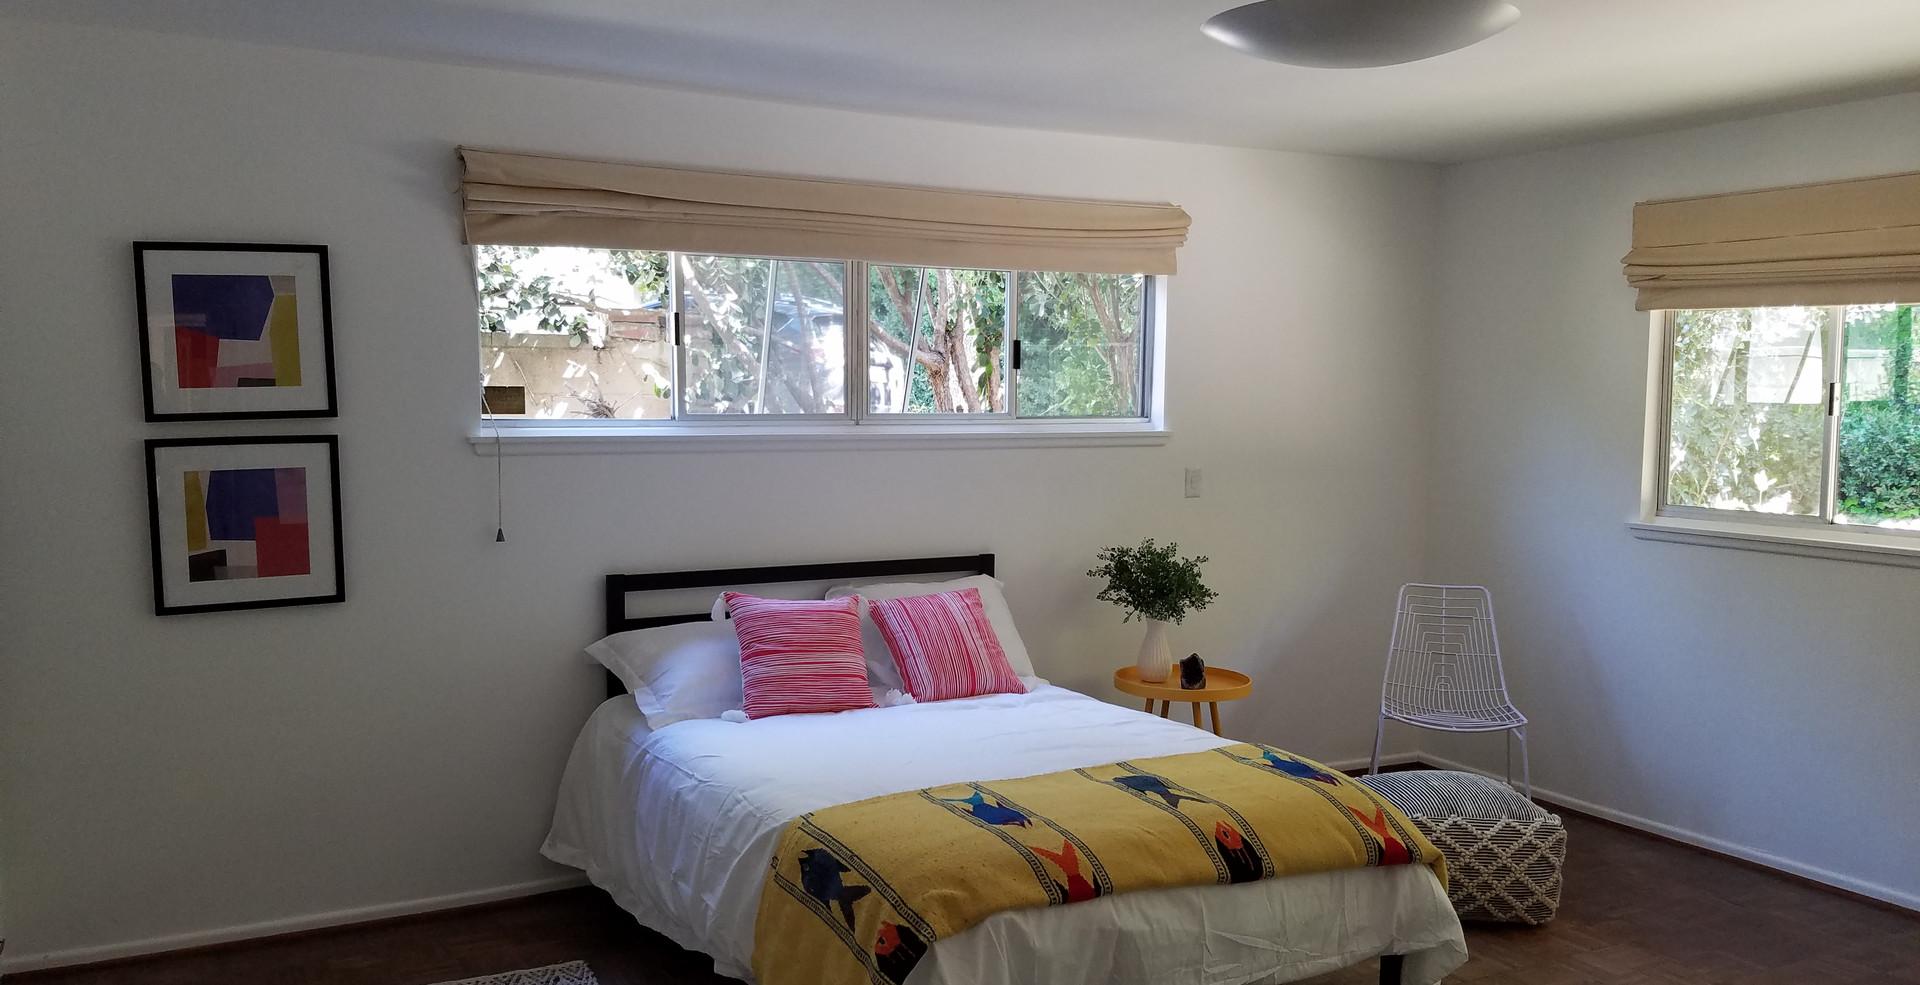 bedroom 2 bel air home (1).jpg